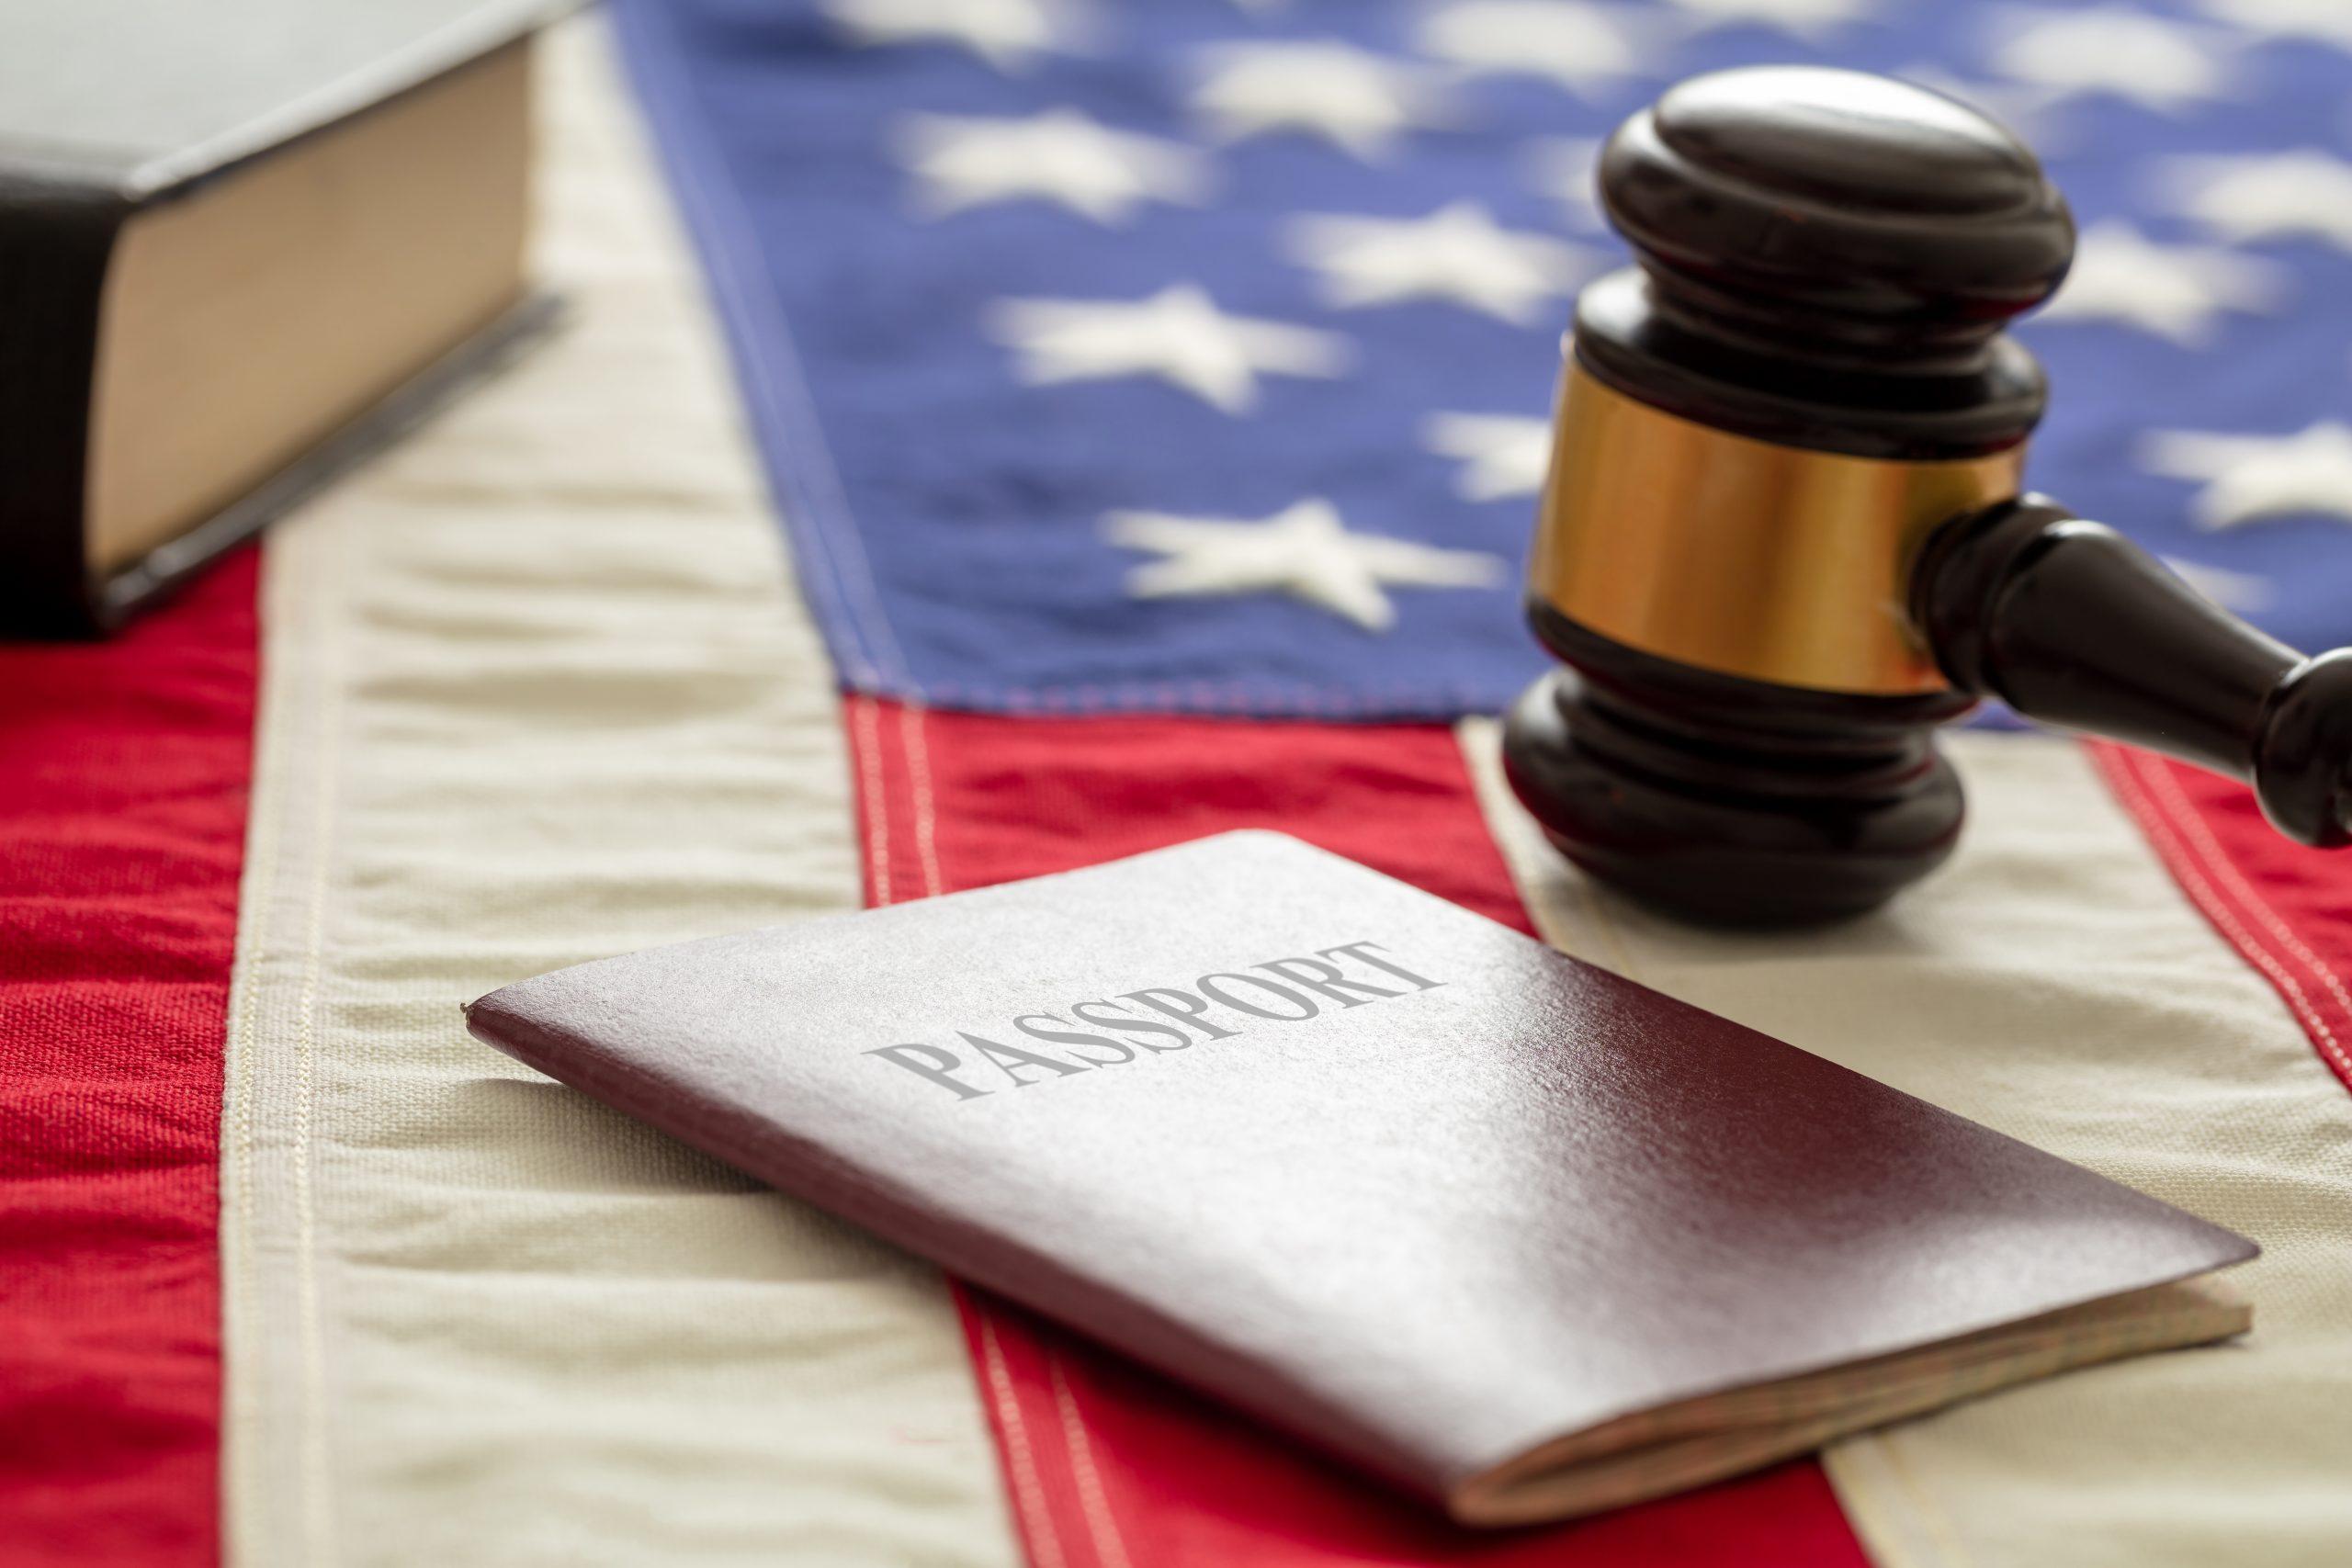 AMENDING REQUIREMENTS FOR H-1B NONIMMIGRANT VISA CLASSIFICATION